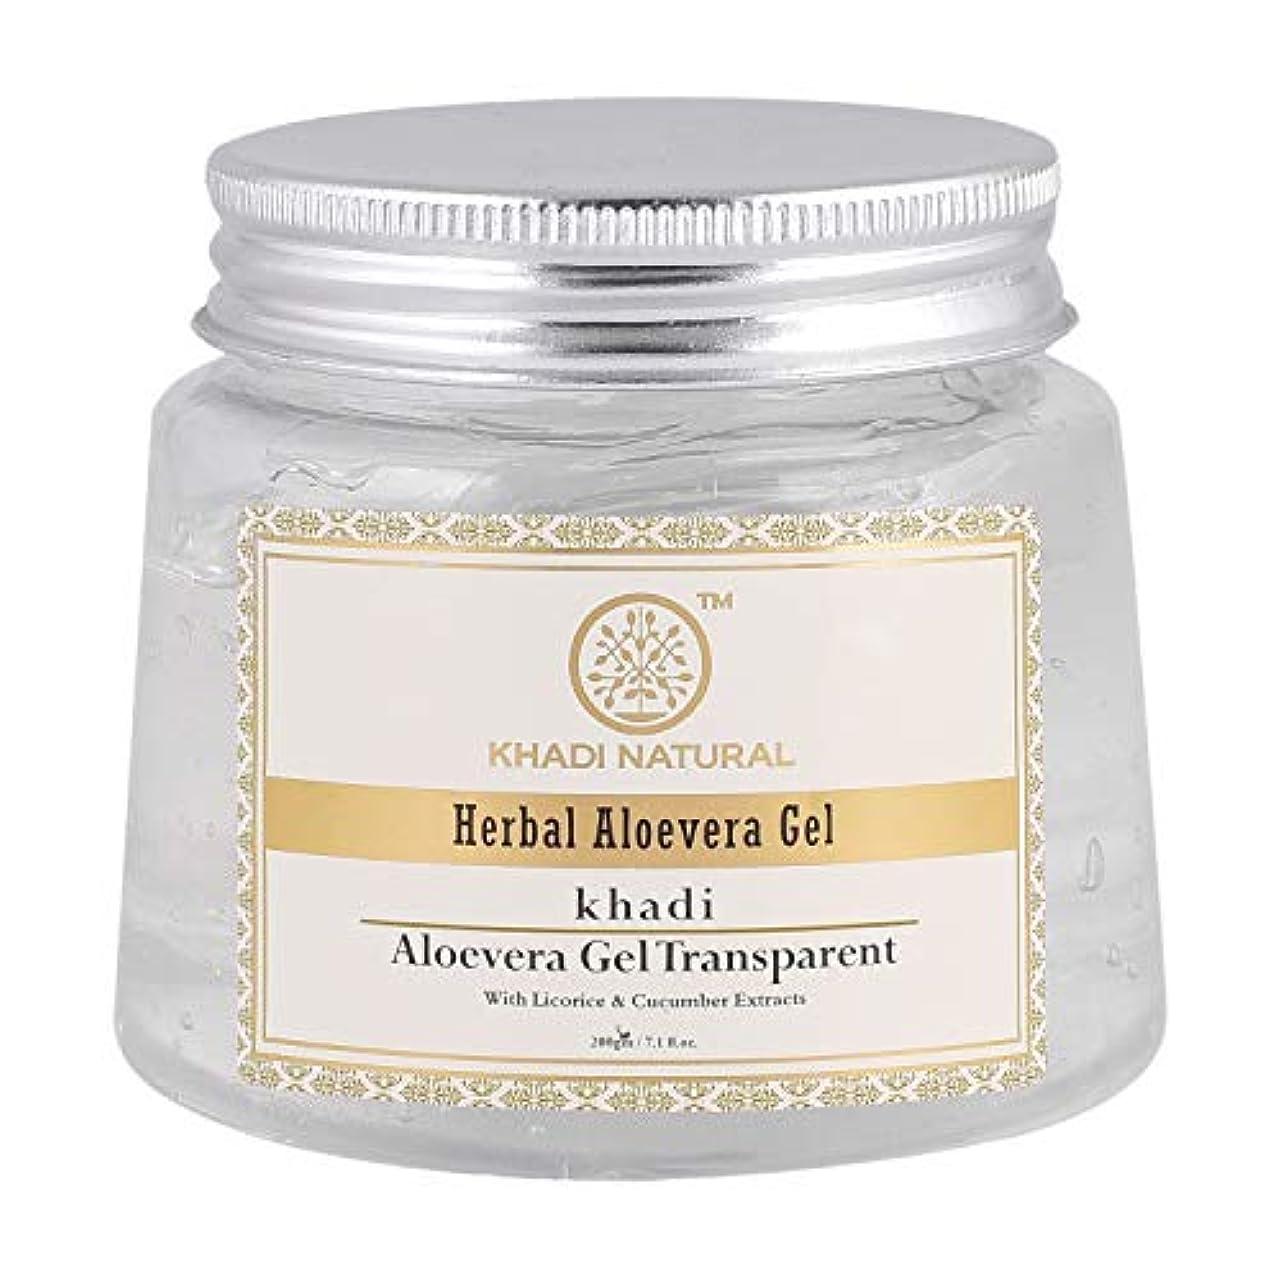 リーダーシップ貯水池徴収Khadi Natural Herbal Aloevera Gel With Liqorice & Cucumber Extracts 200g